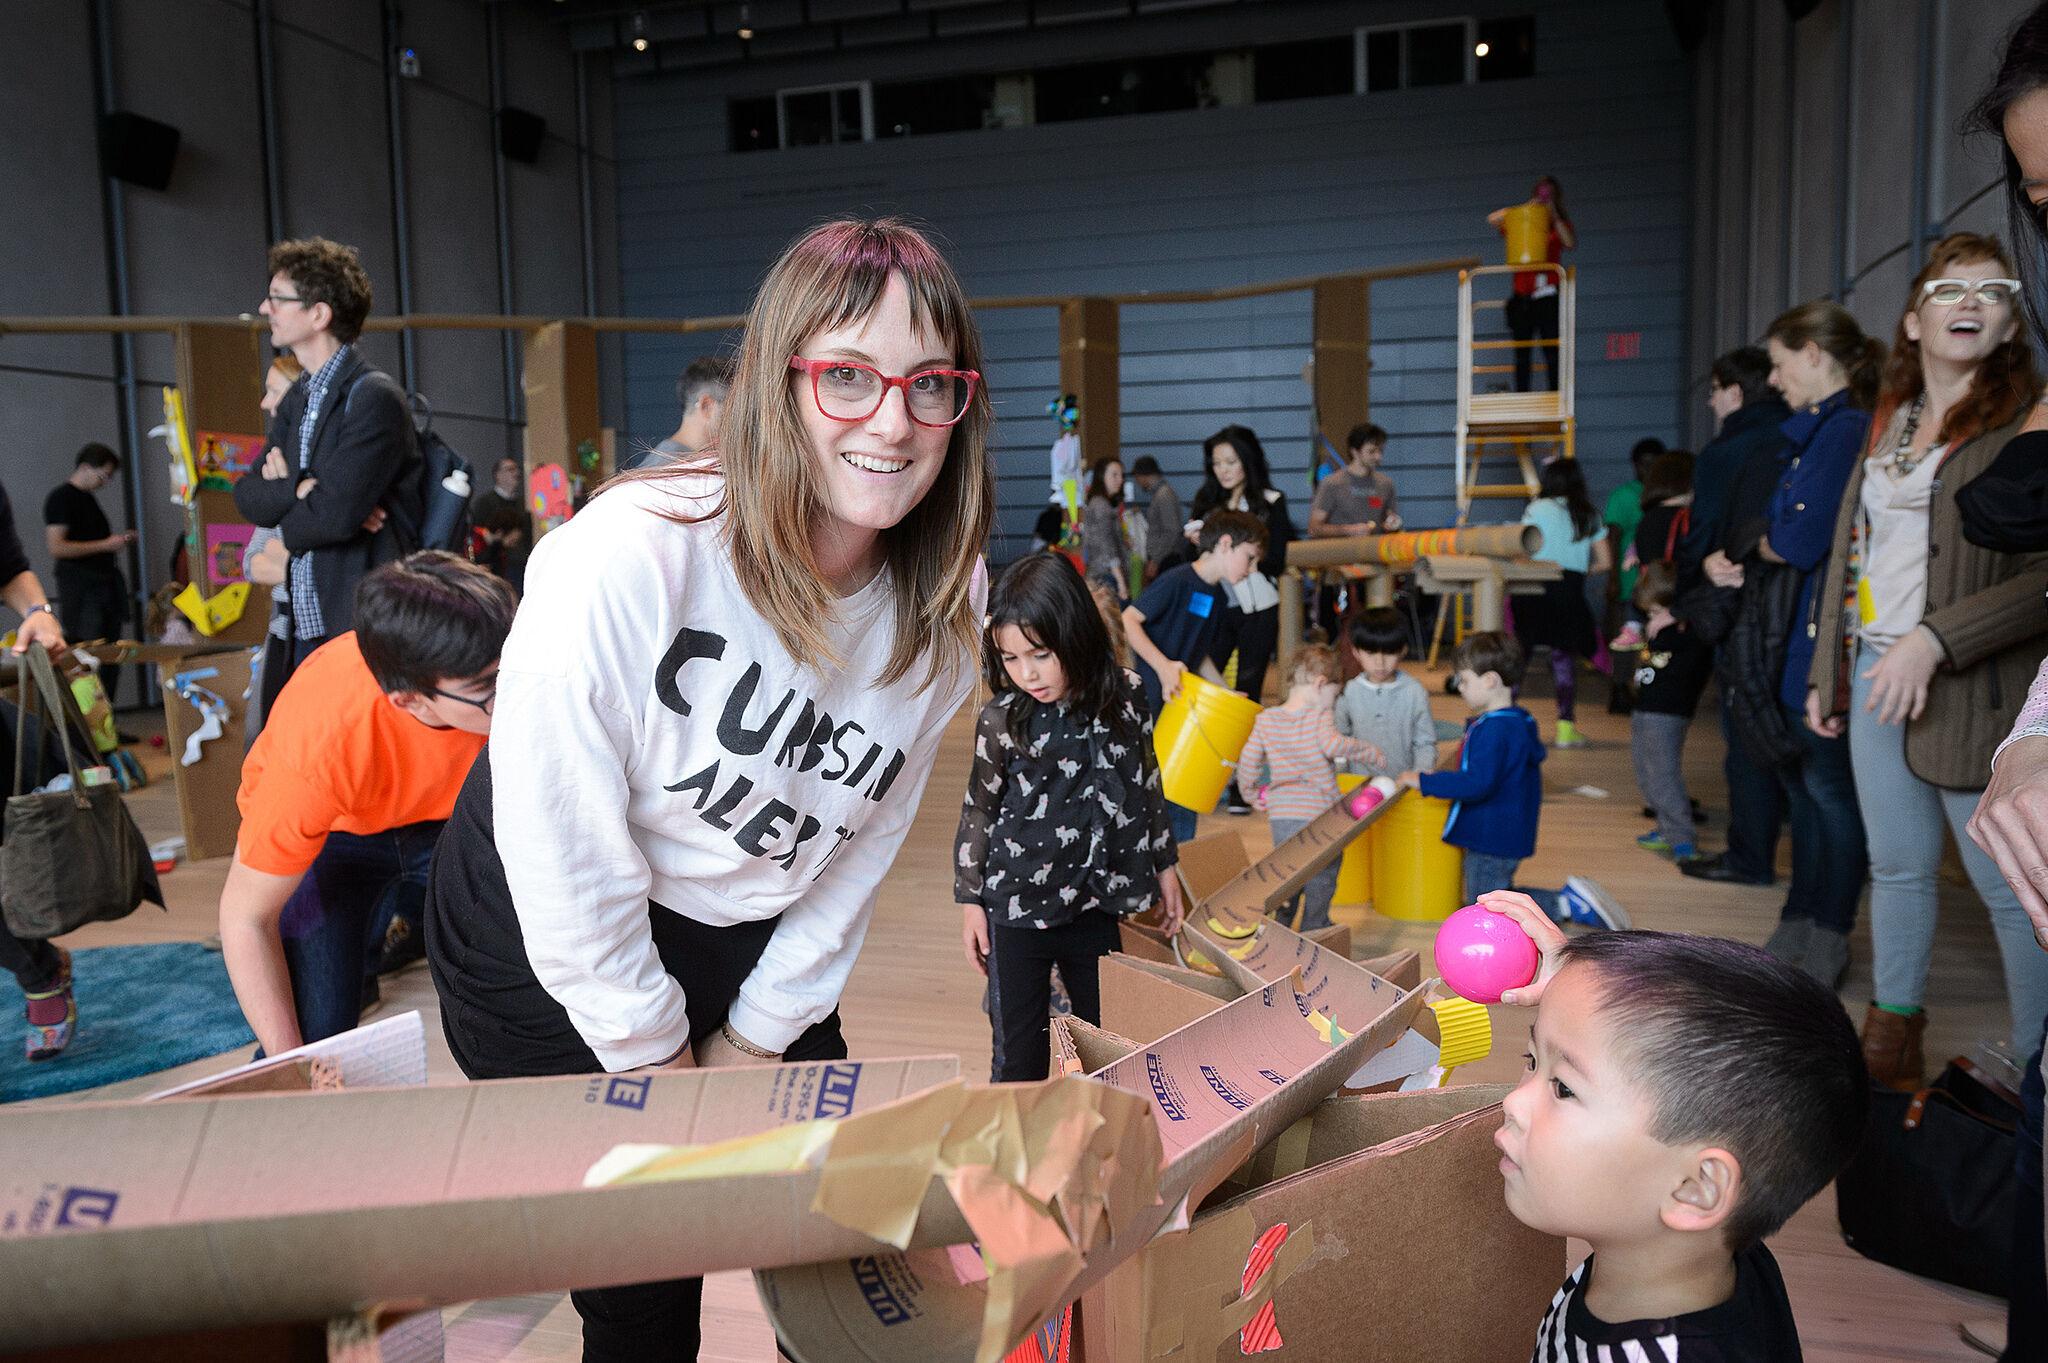 Artist helps children with marble run.